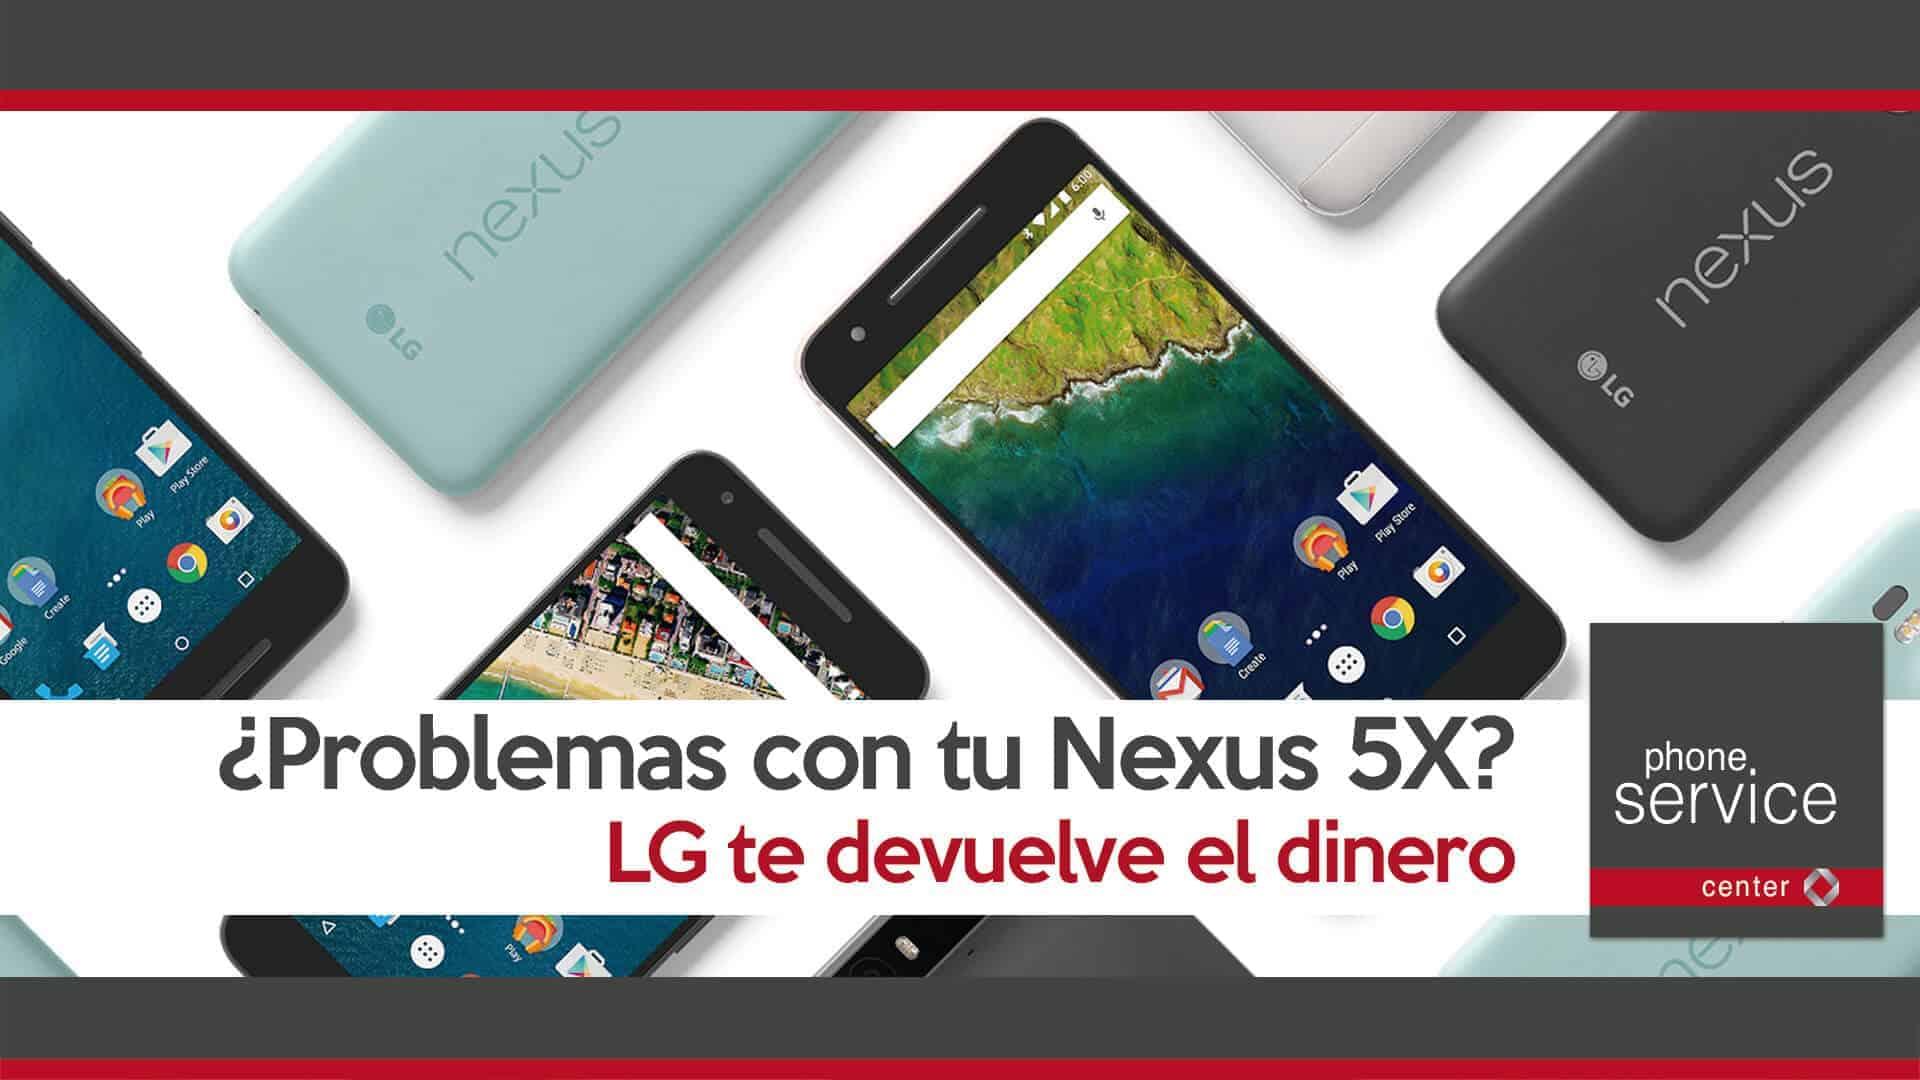 LG devuelve el dinero por tu Nexus 5X defectuoso